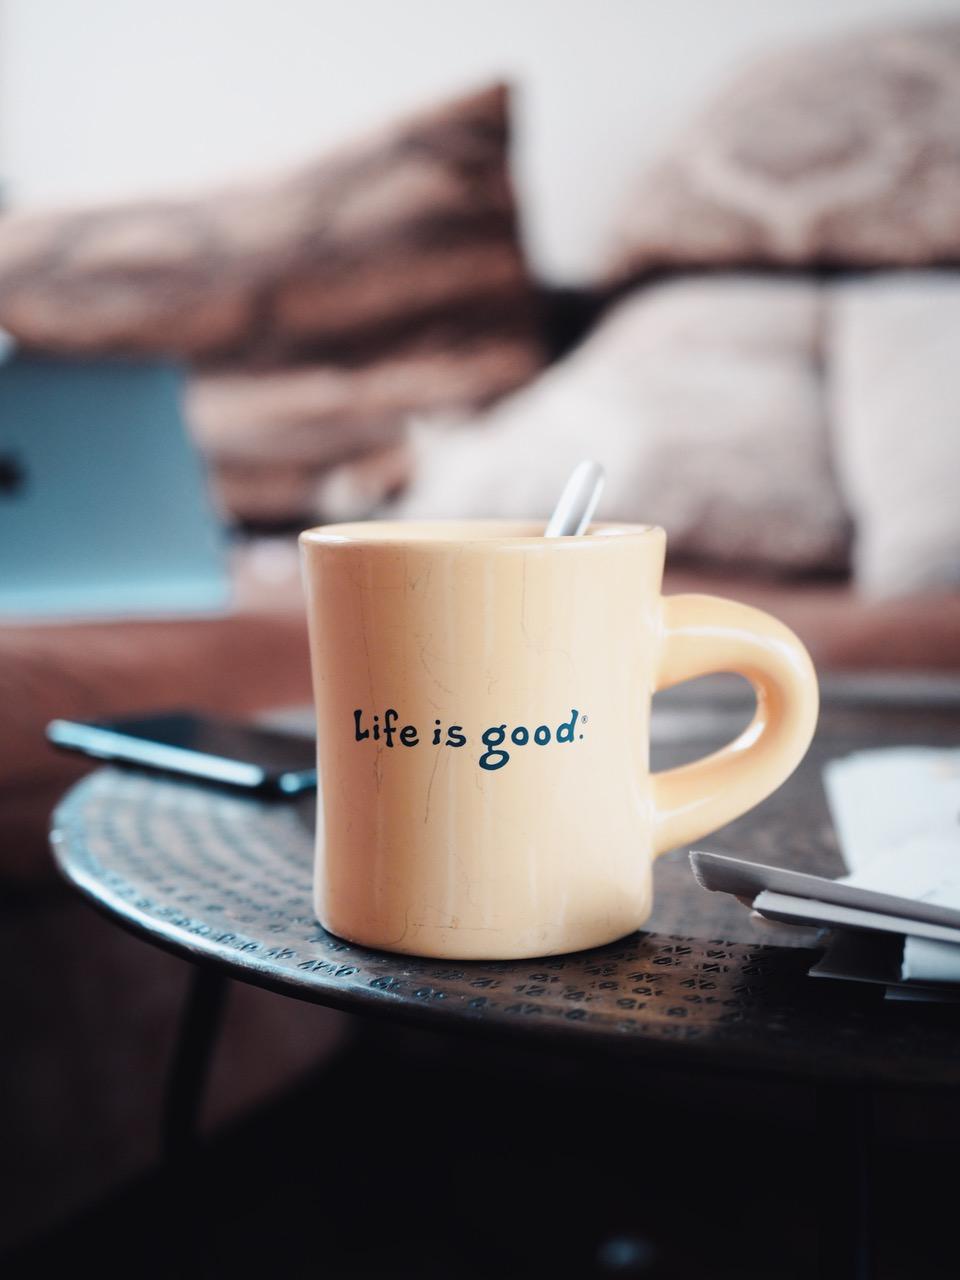 Die 6 Entspannungstypen: Finde heraus, wie man zur Ruhe kommt